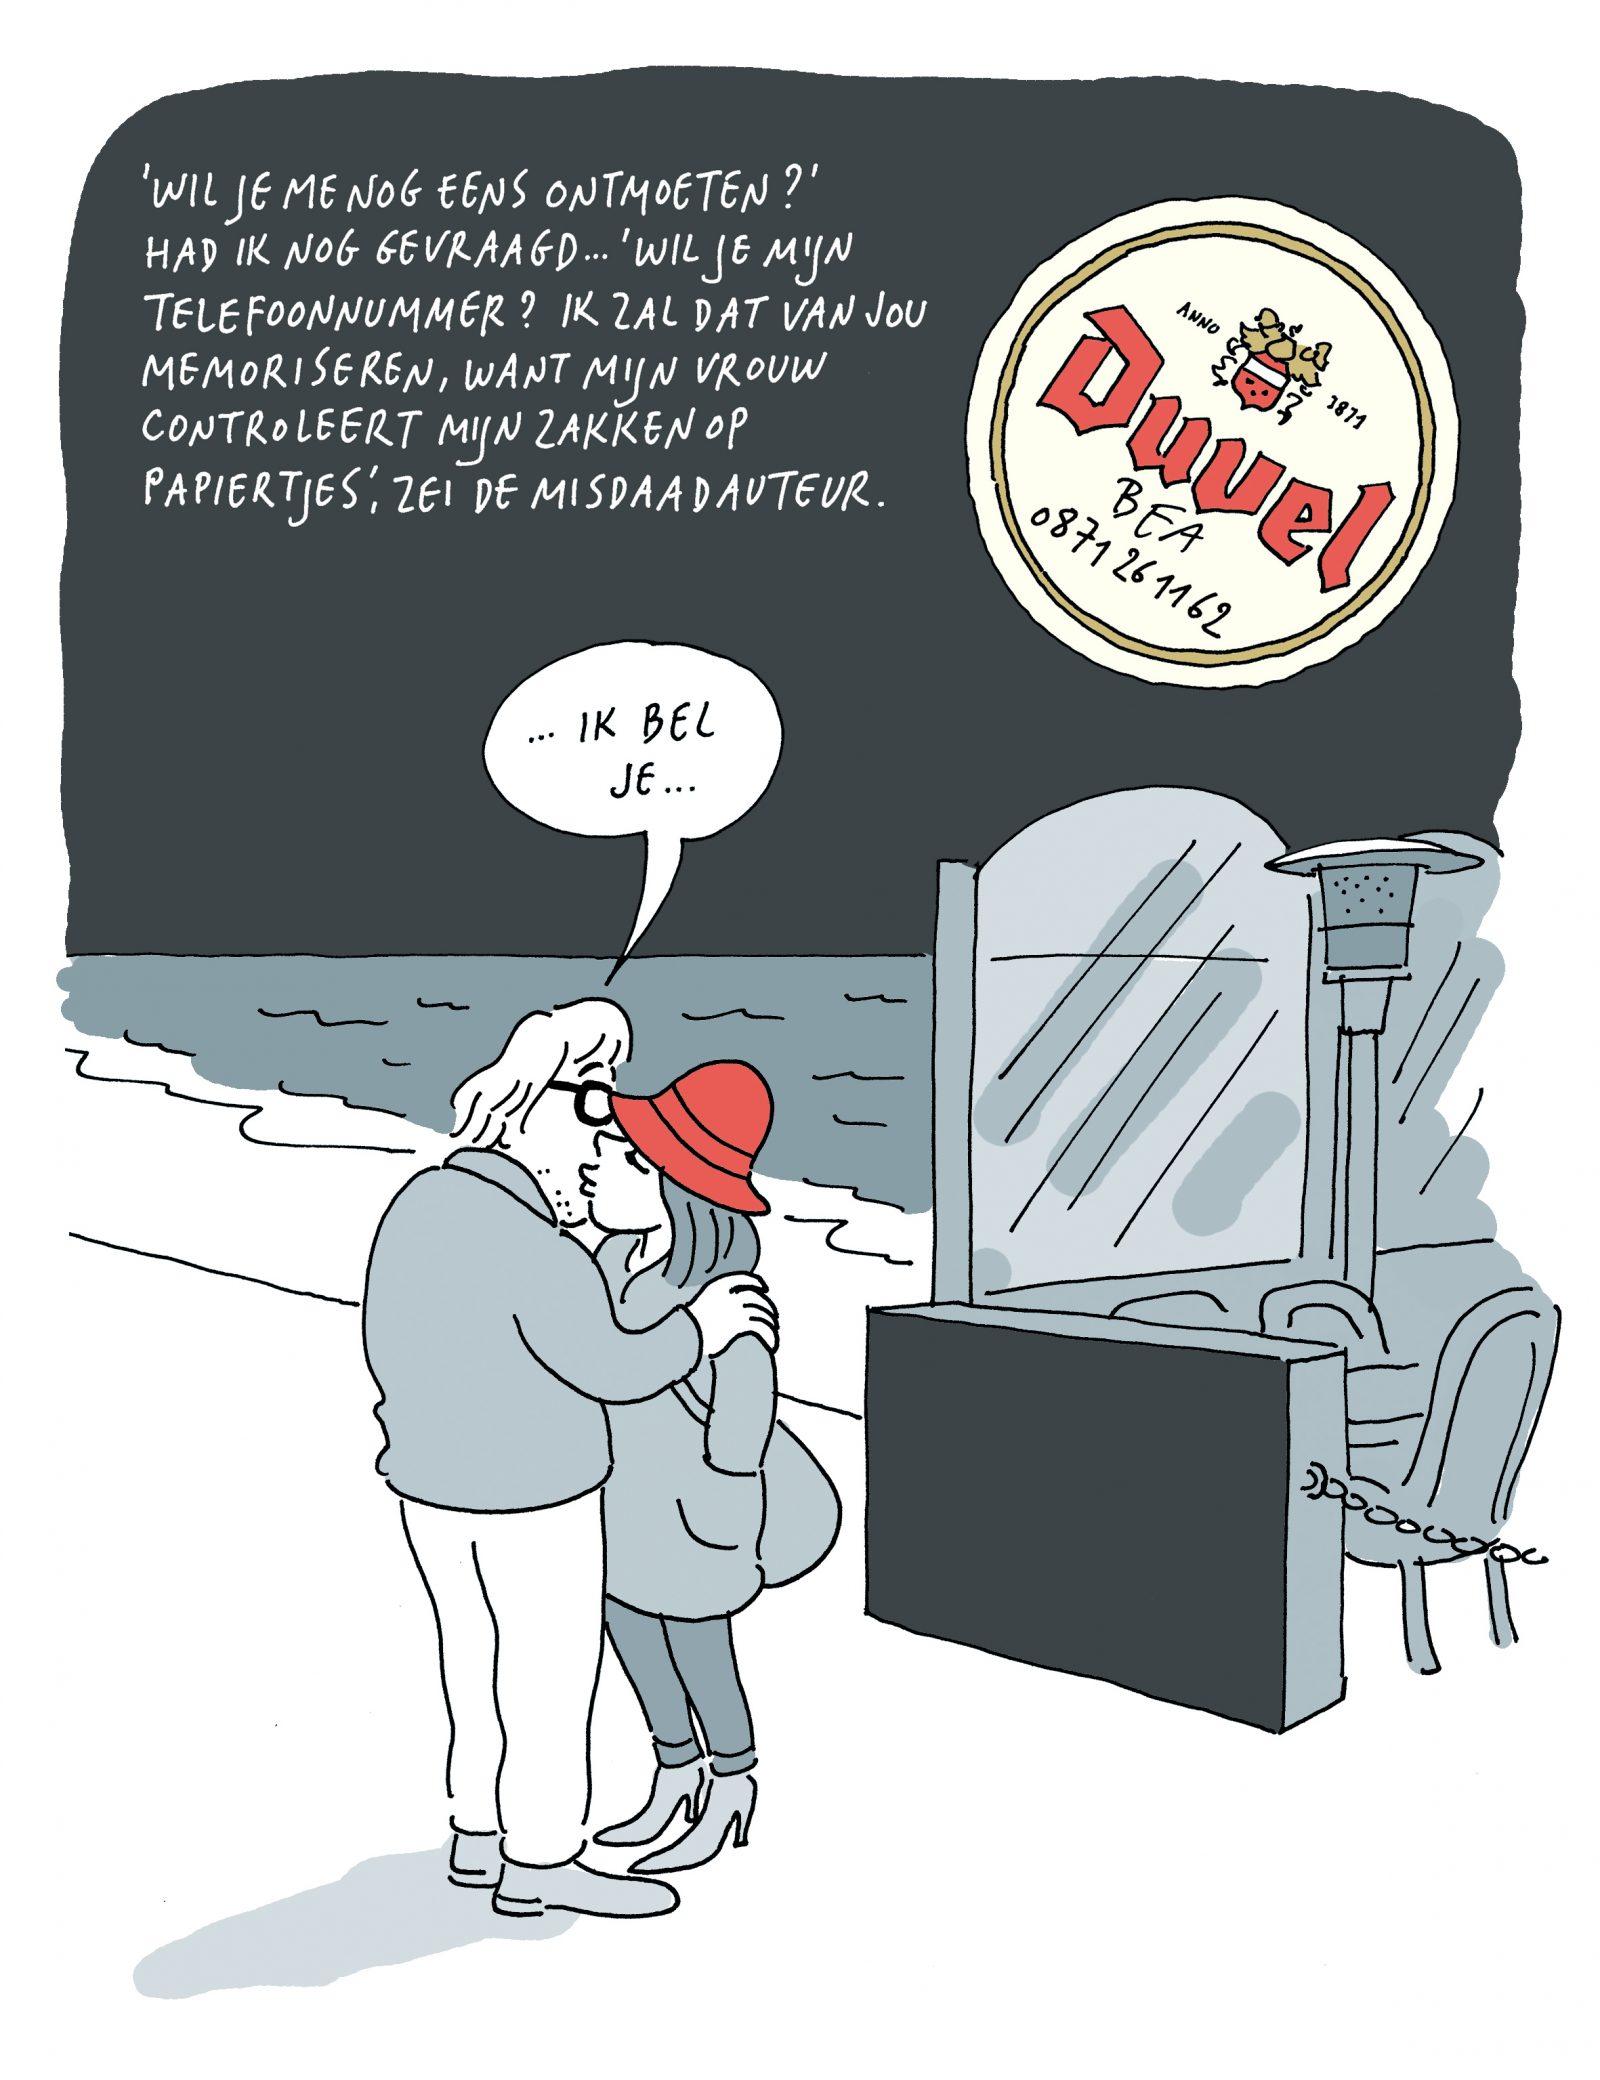 [FRAGMENT] 'Afscheid van een muze'. Een beeldend liefdesverhaal van Pieter Aspe en Marec